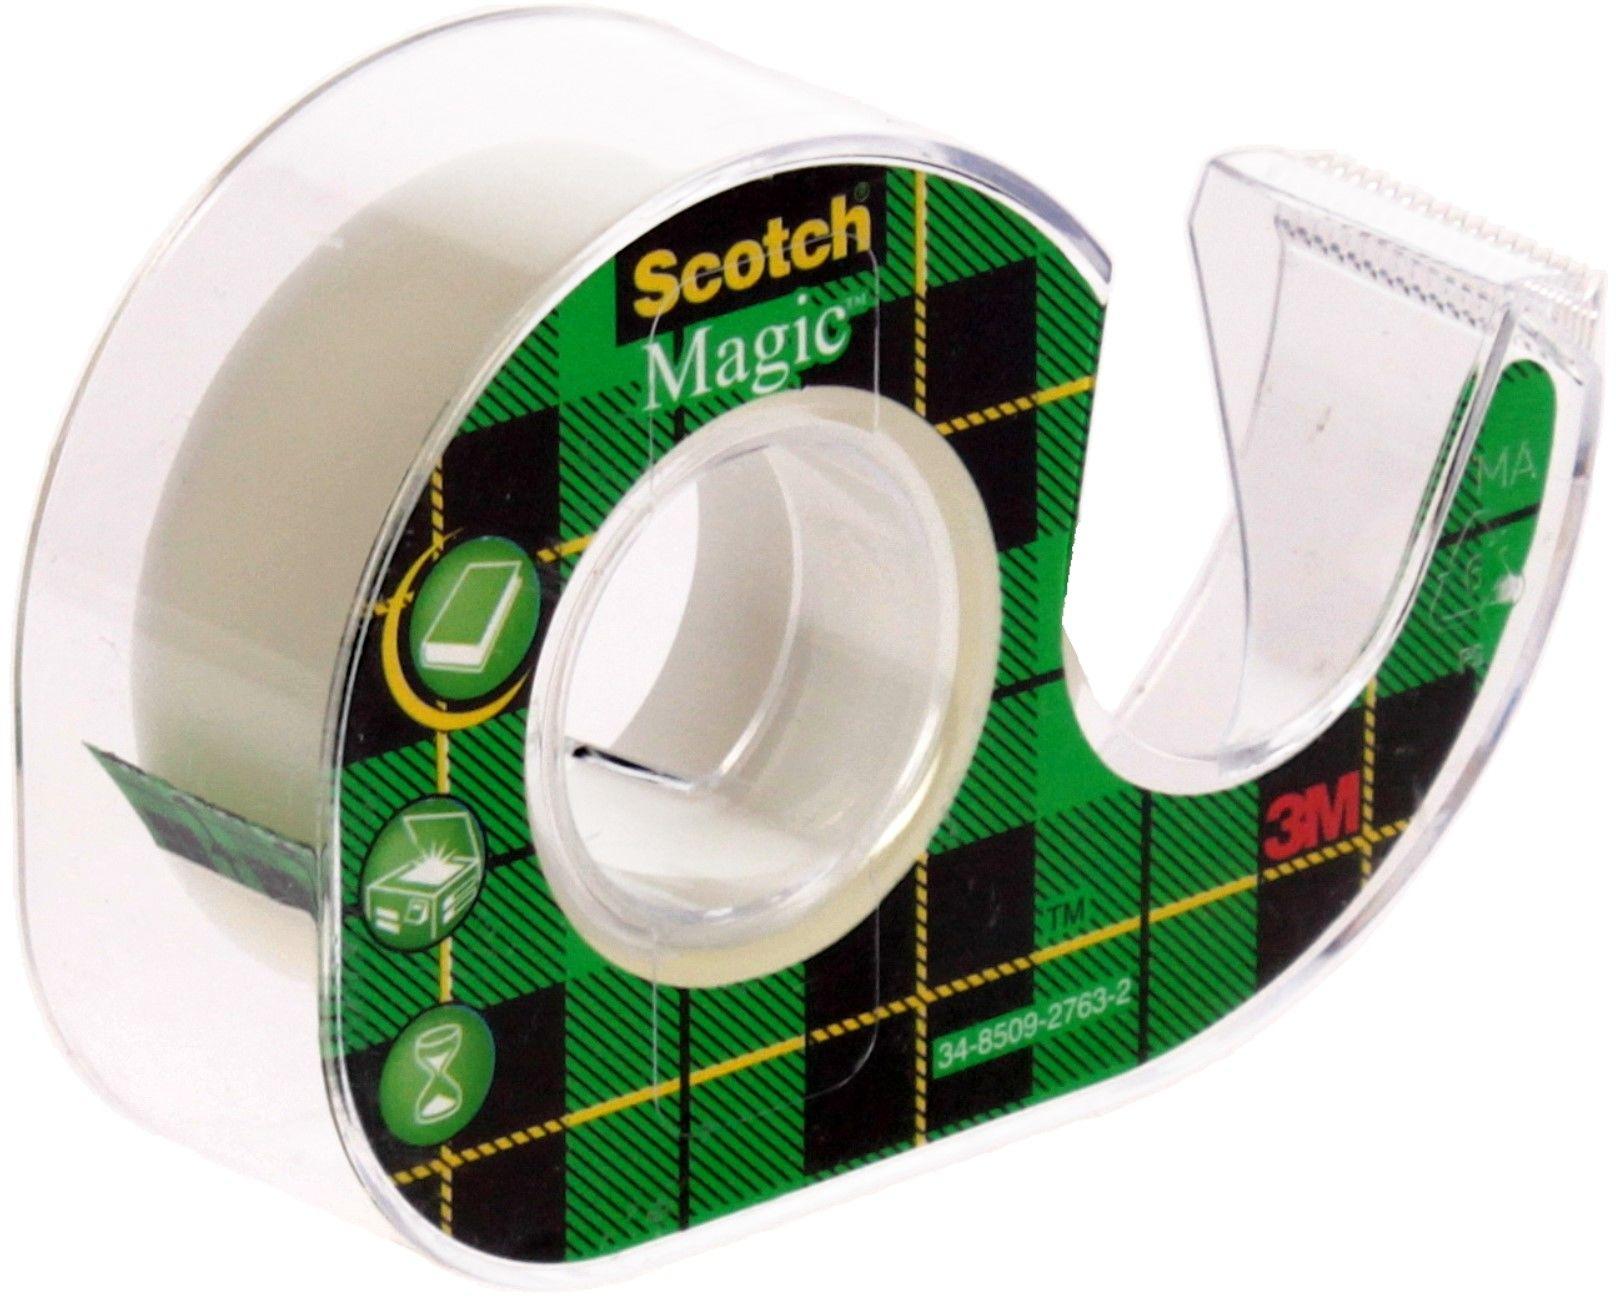 Taśma klejąca 19mmx7.5m przeźroczysta/m +podajnik Scotch